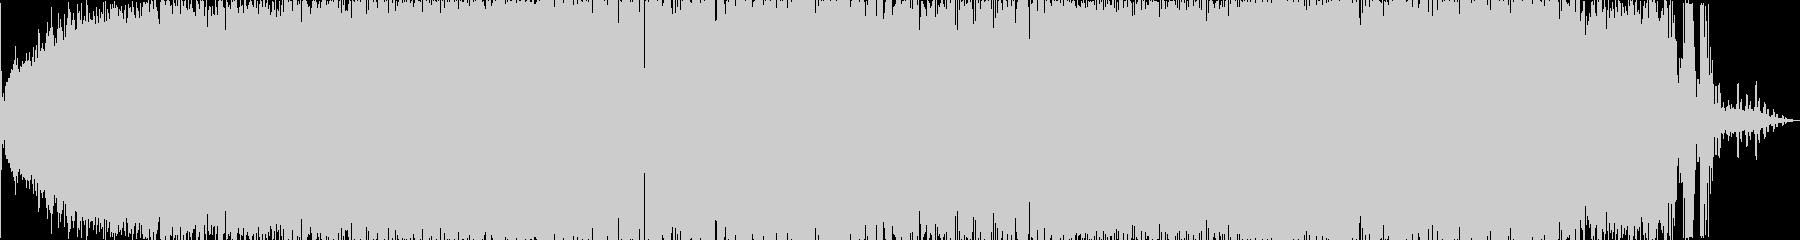 いきなり潜るフューチャーハウス風楽曲の未再生の波形